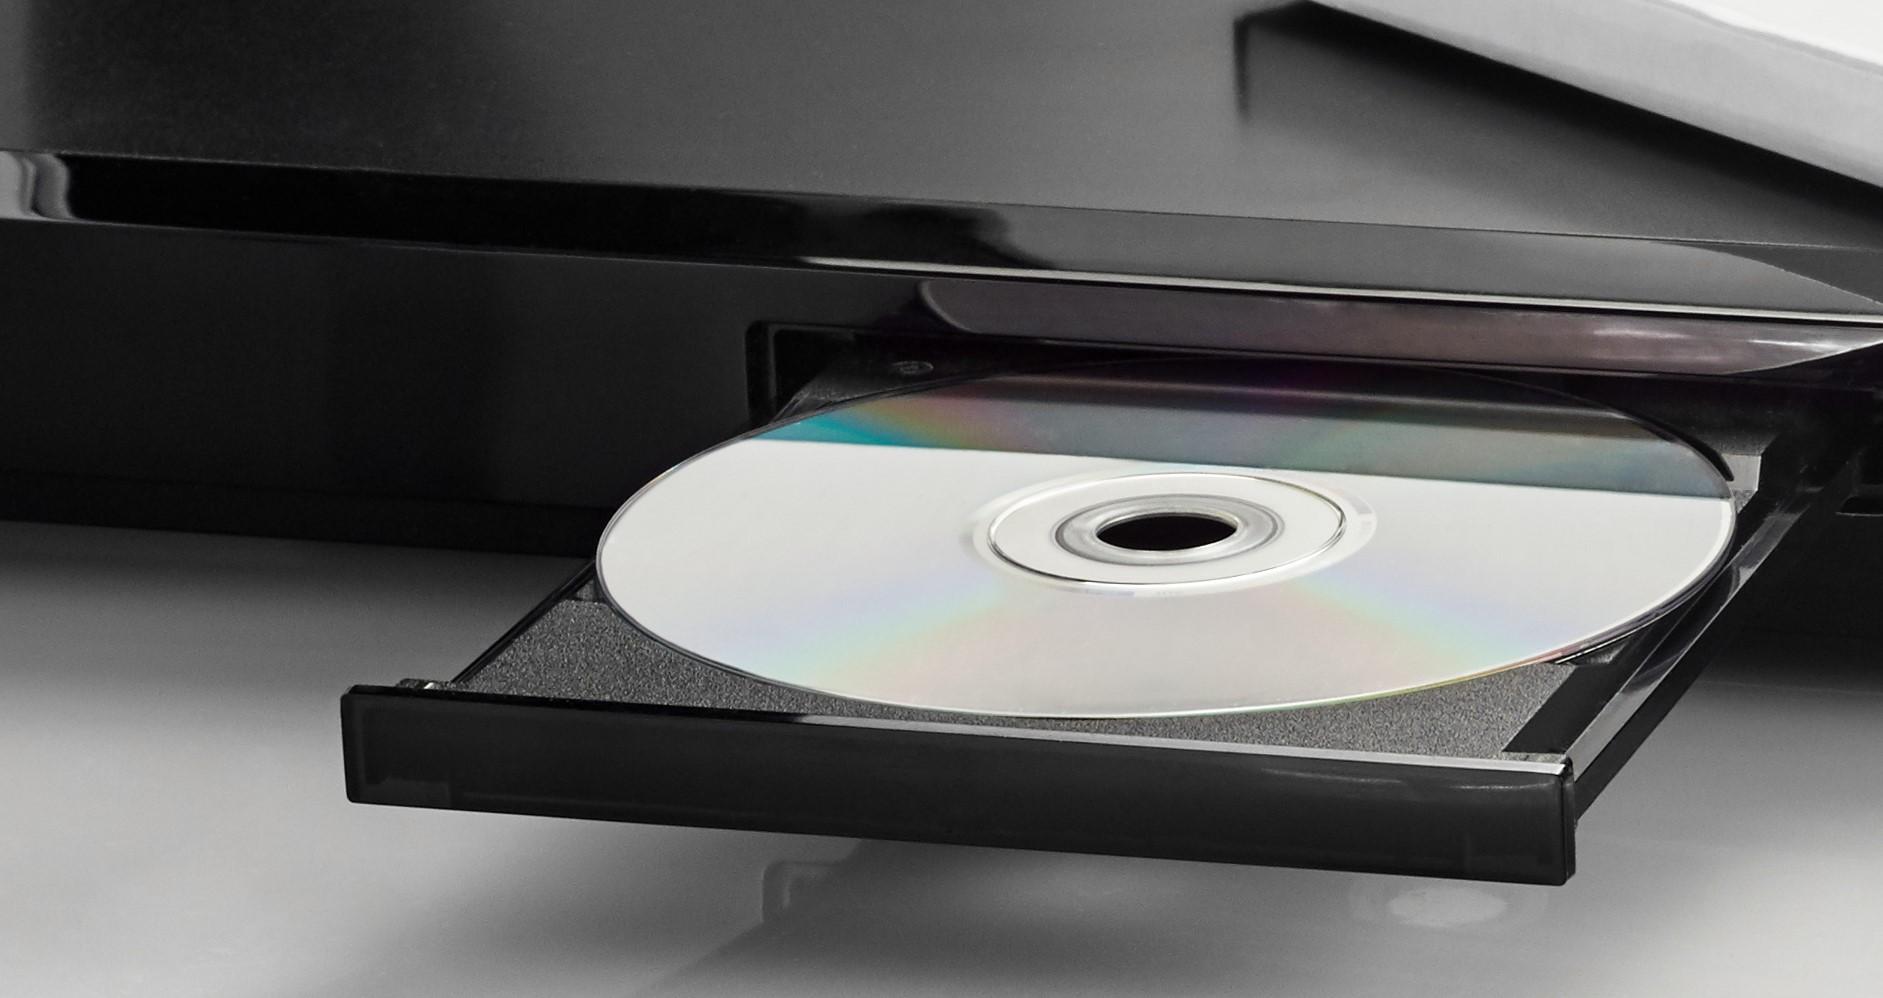 Miglior lettore Blu-Ray 2020: Guida all'acquisto